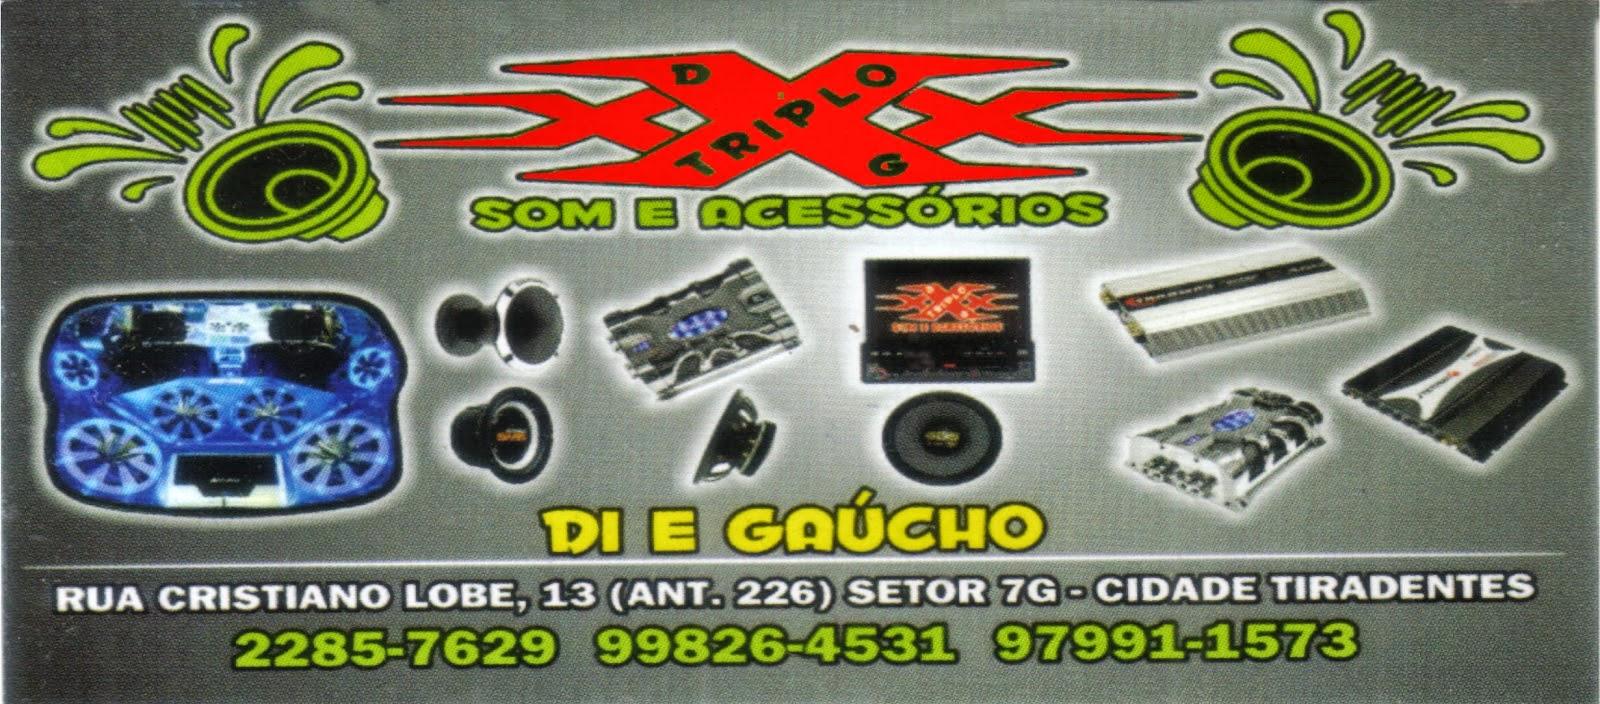 Triplo X  - Sonorização de Automóveis